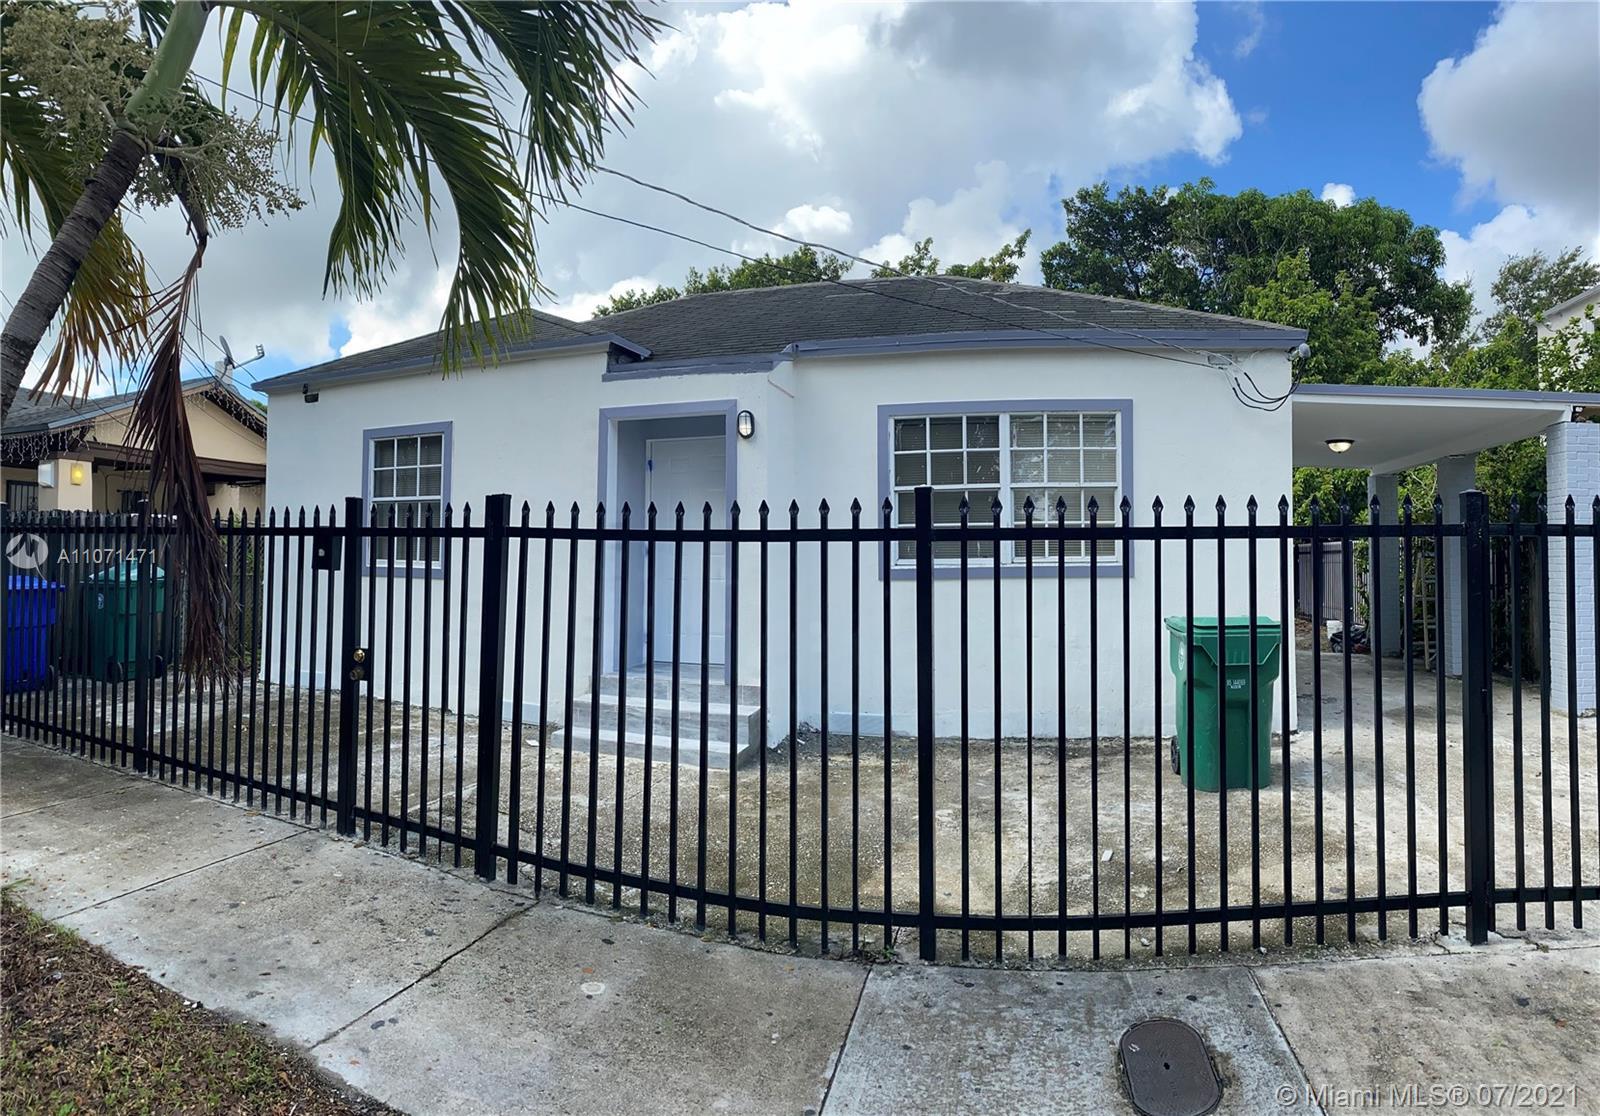 Allapattah - 1032 NW 28th St, Miami, FL 33127